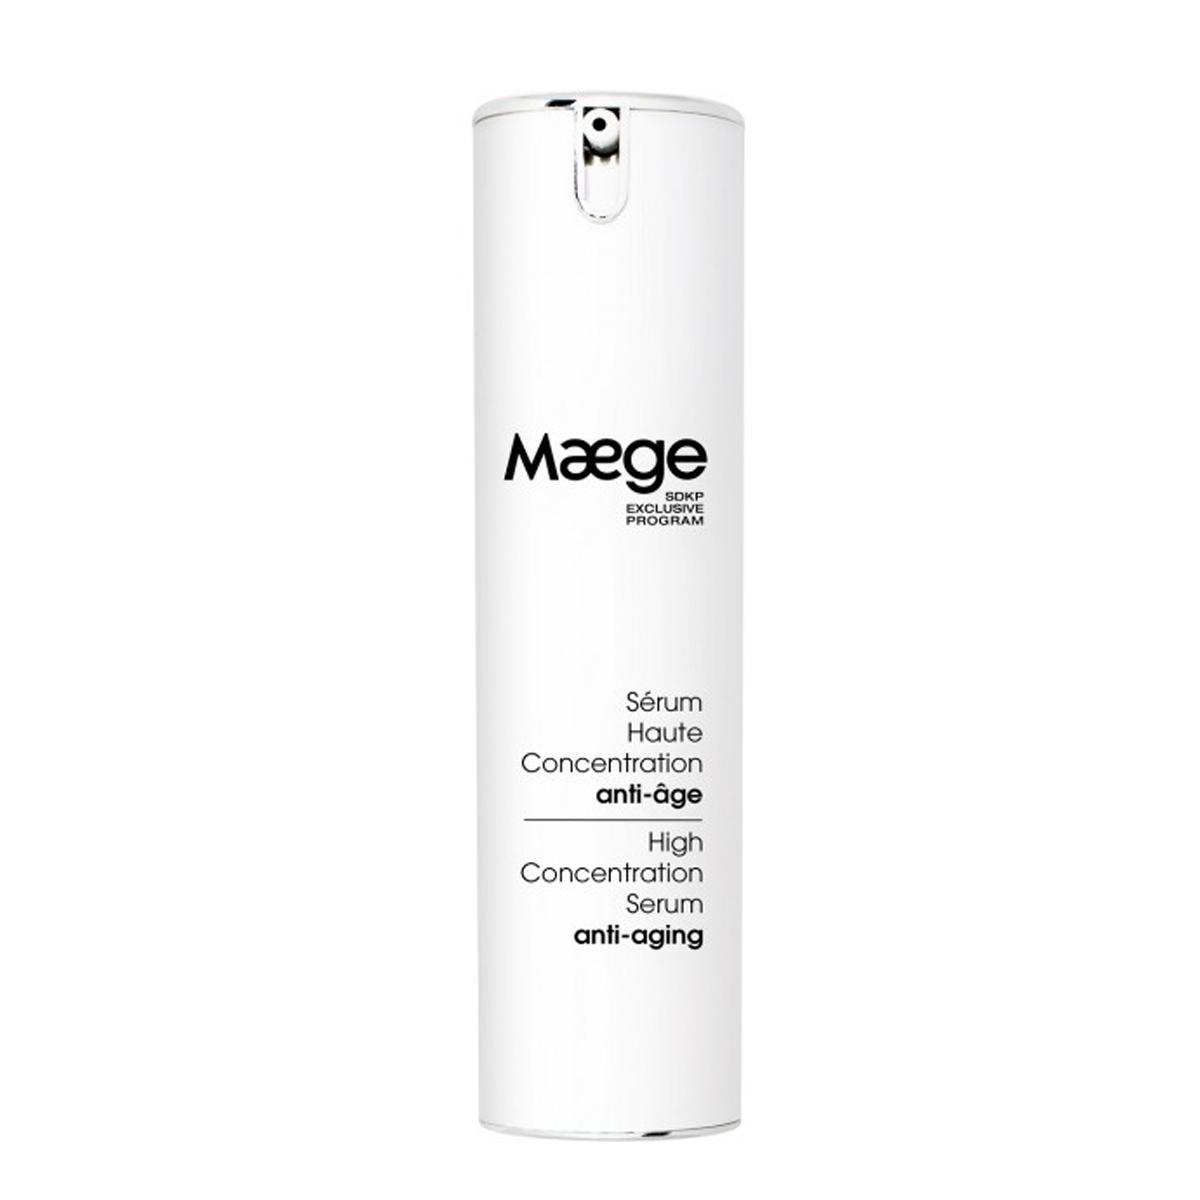 Serum de alta concentración antiedad de Maege.